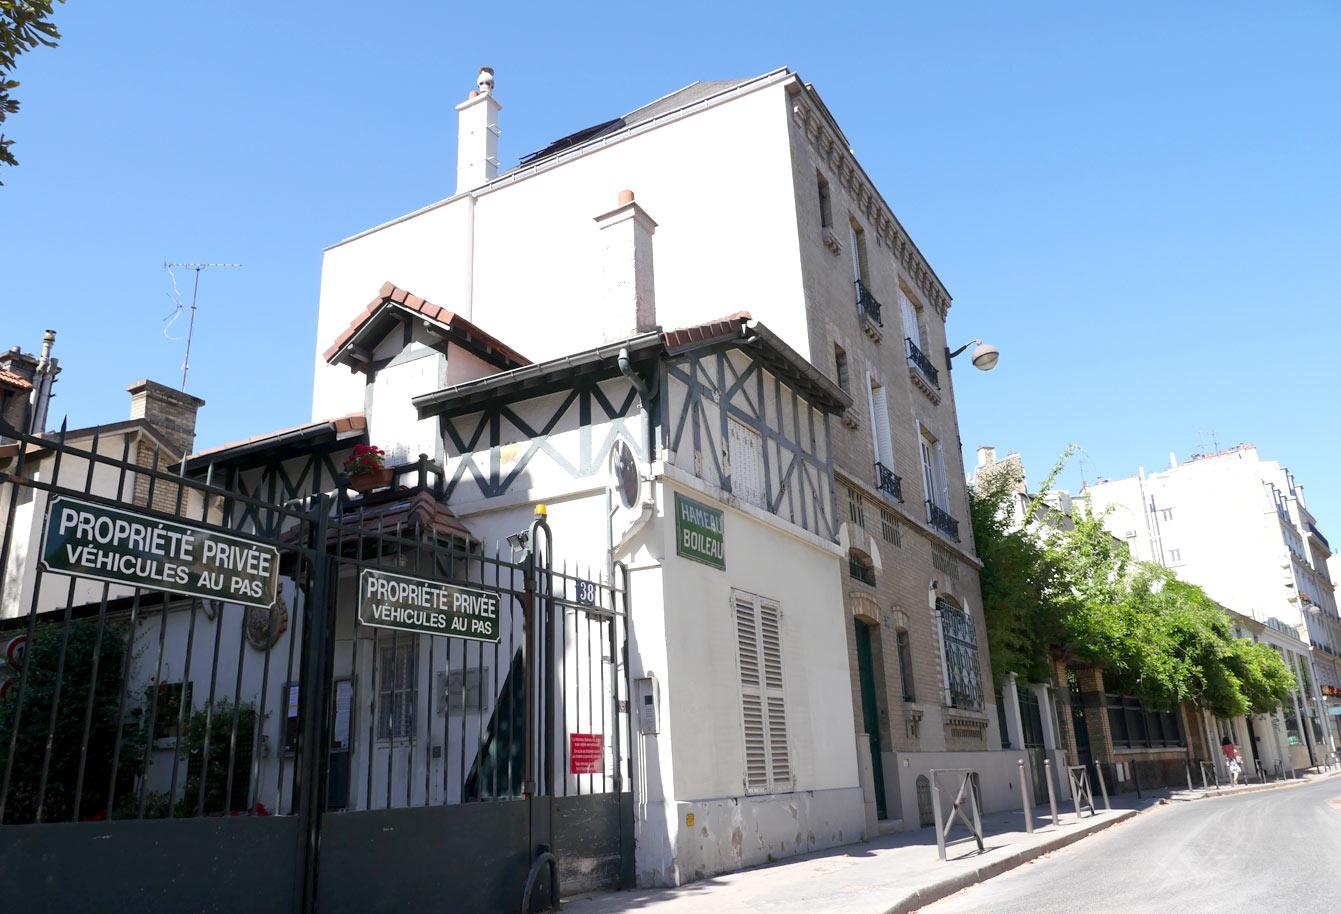 Entrée du hameau Boileau, Paris